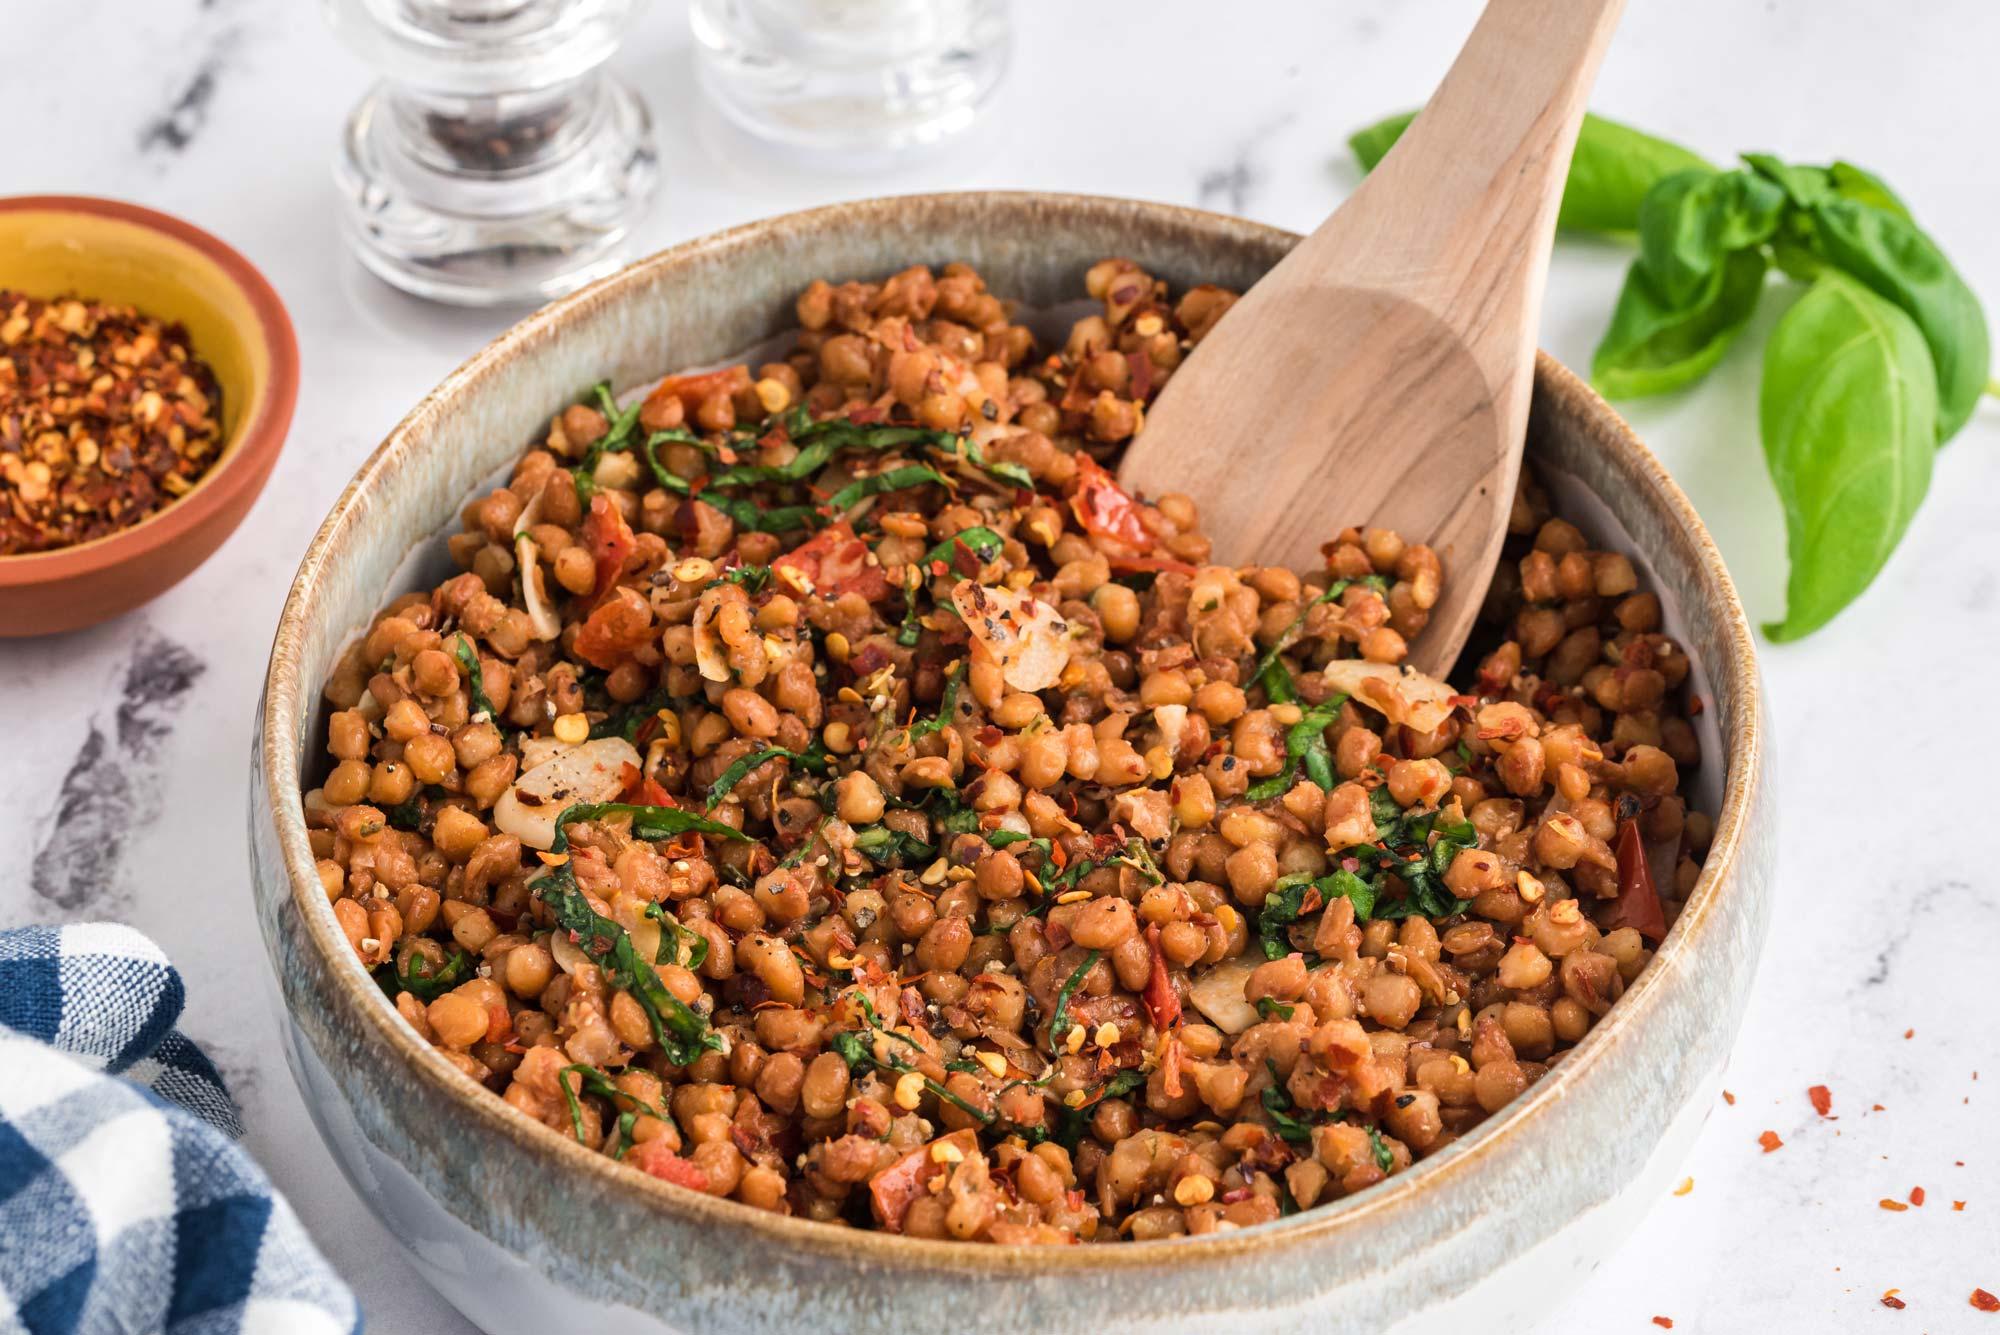 warm garlic and herb lentils